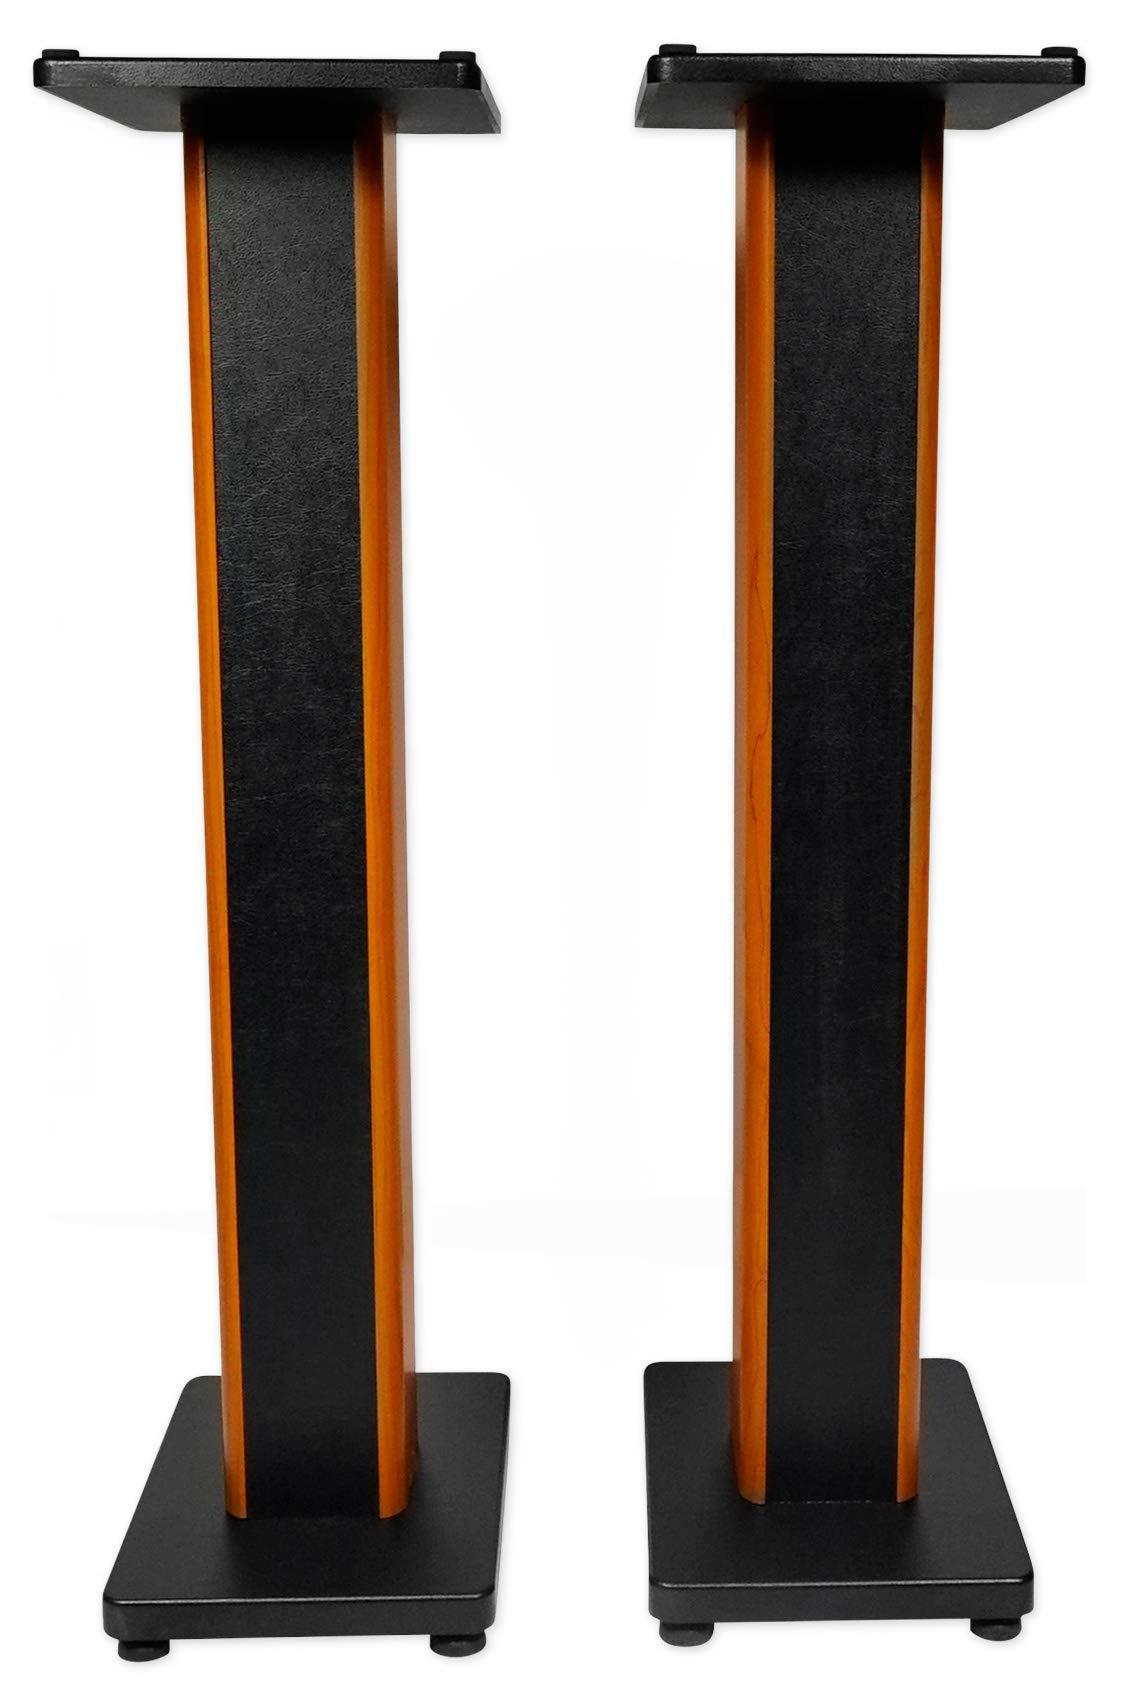 Rockville 2 RHTSC 36'' Inch Bookshelf Speaker Stands Surround Sound Home Theater